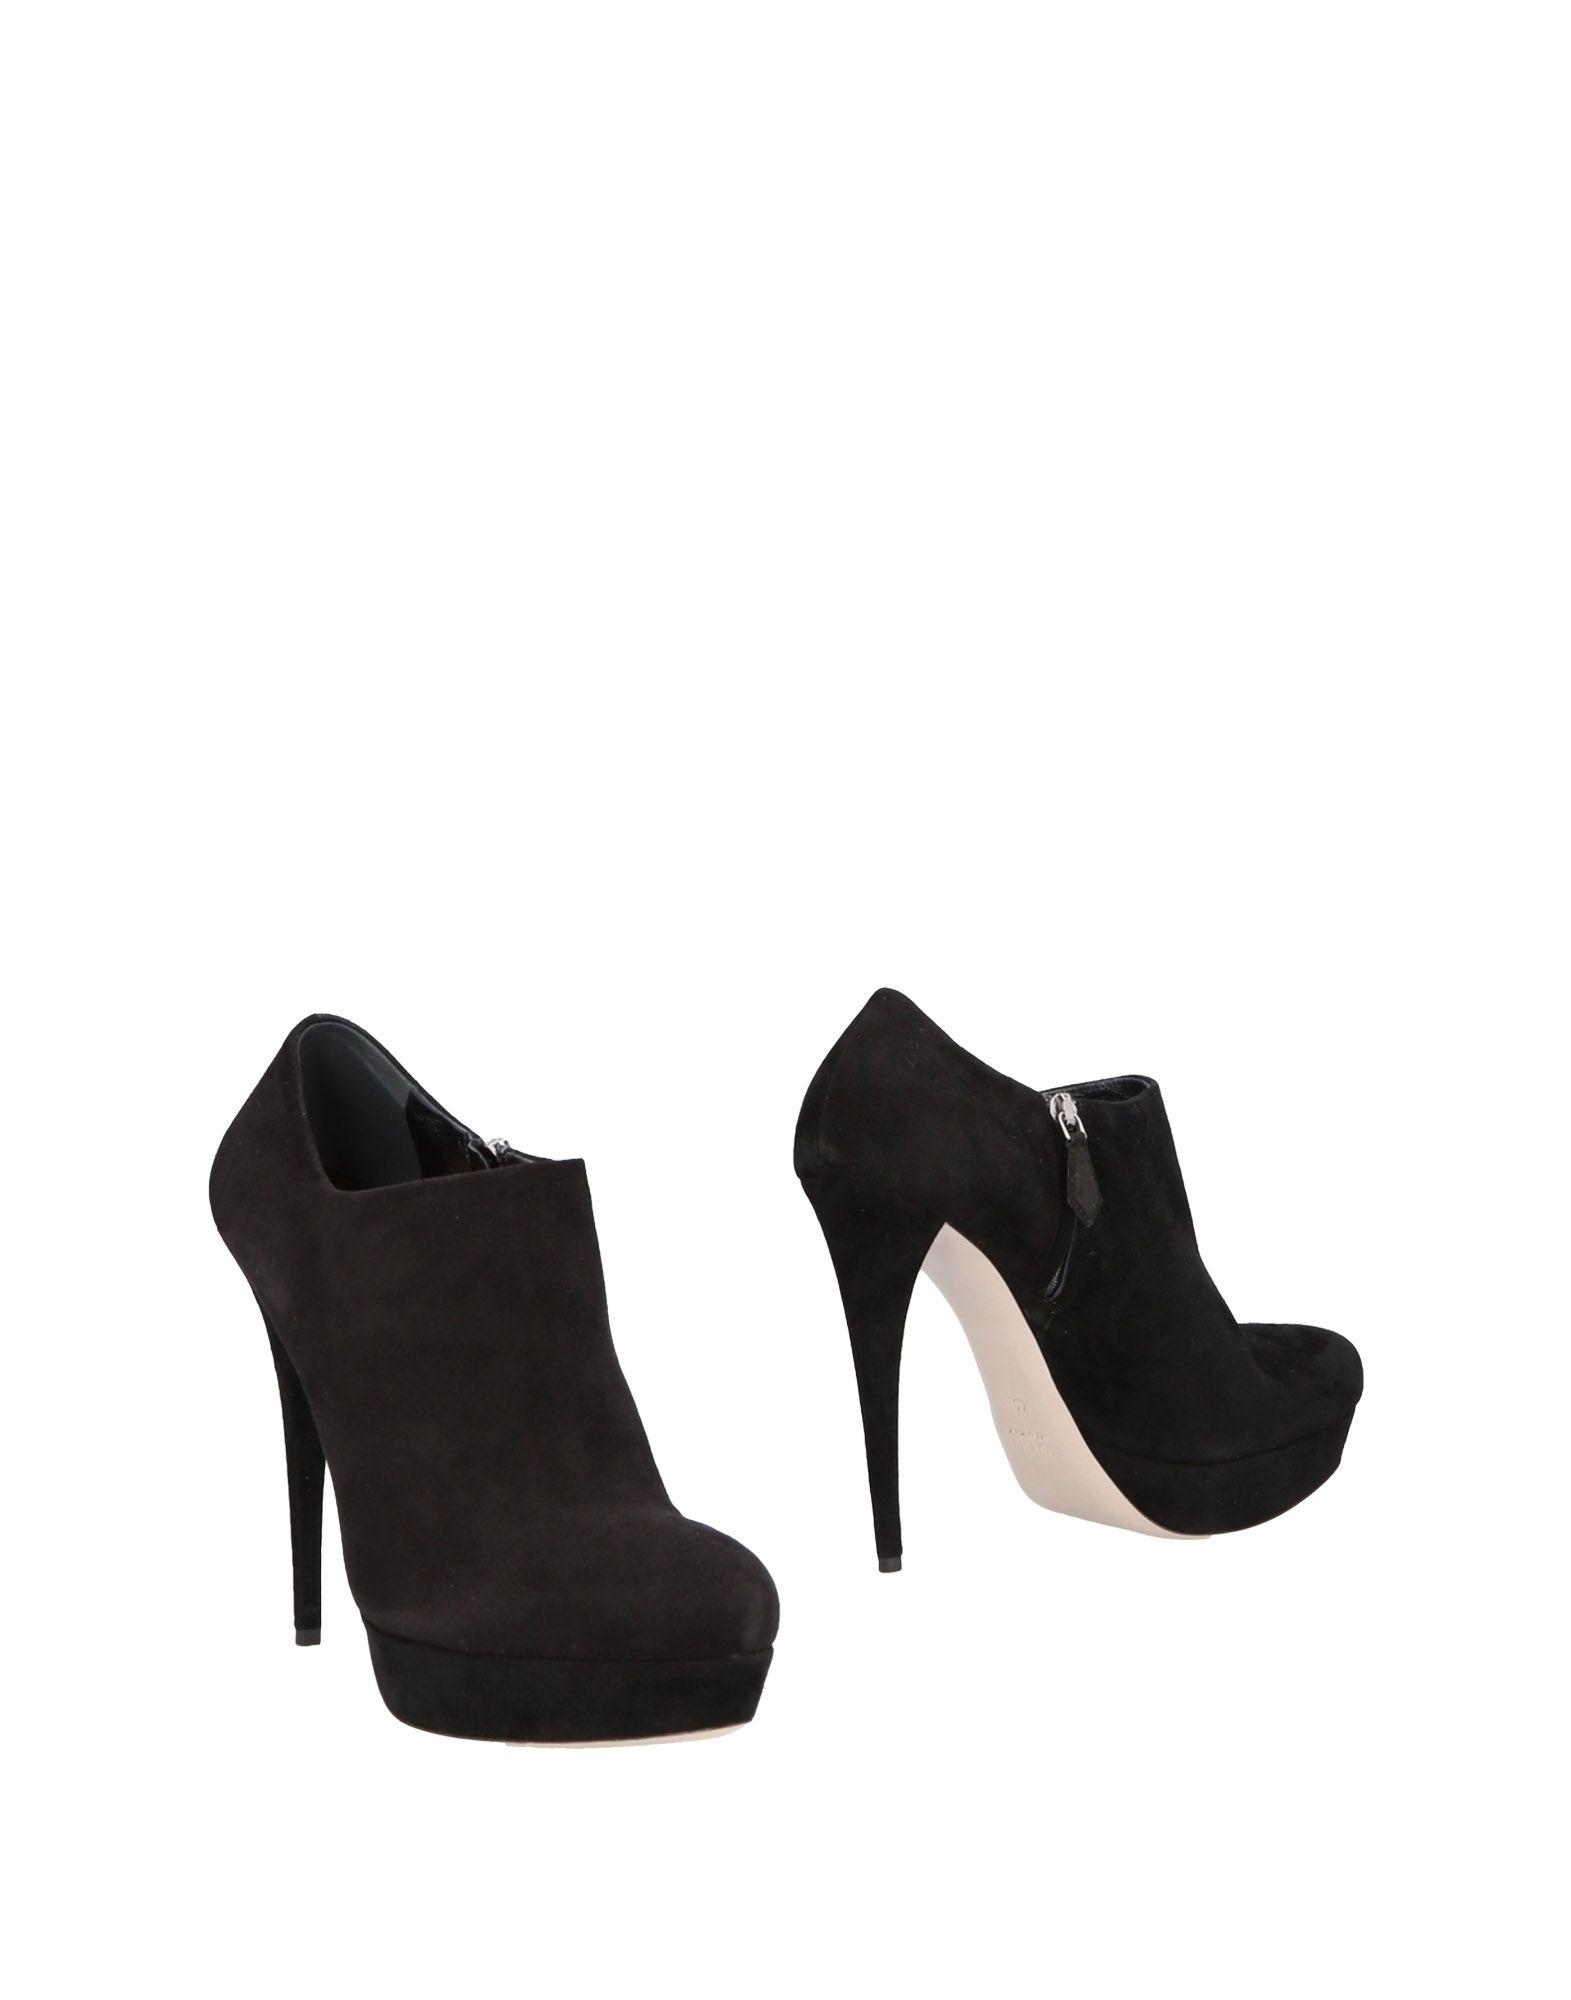 Bottine Miu Miu Femme - Bottines Miu Miu Noir Chaussures casual sauvages